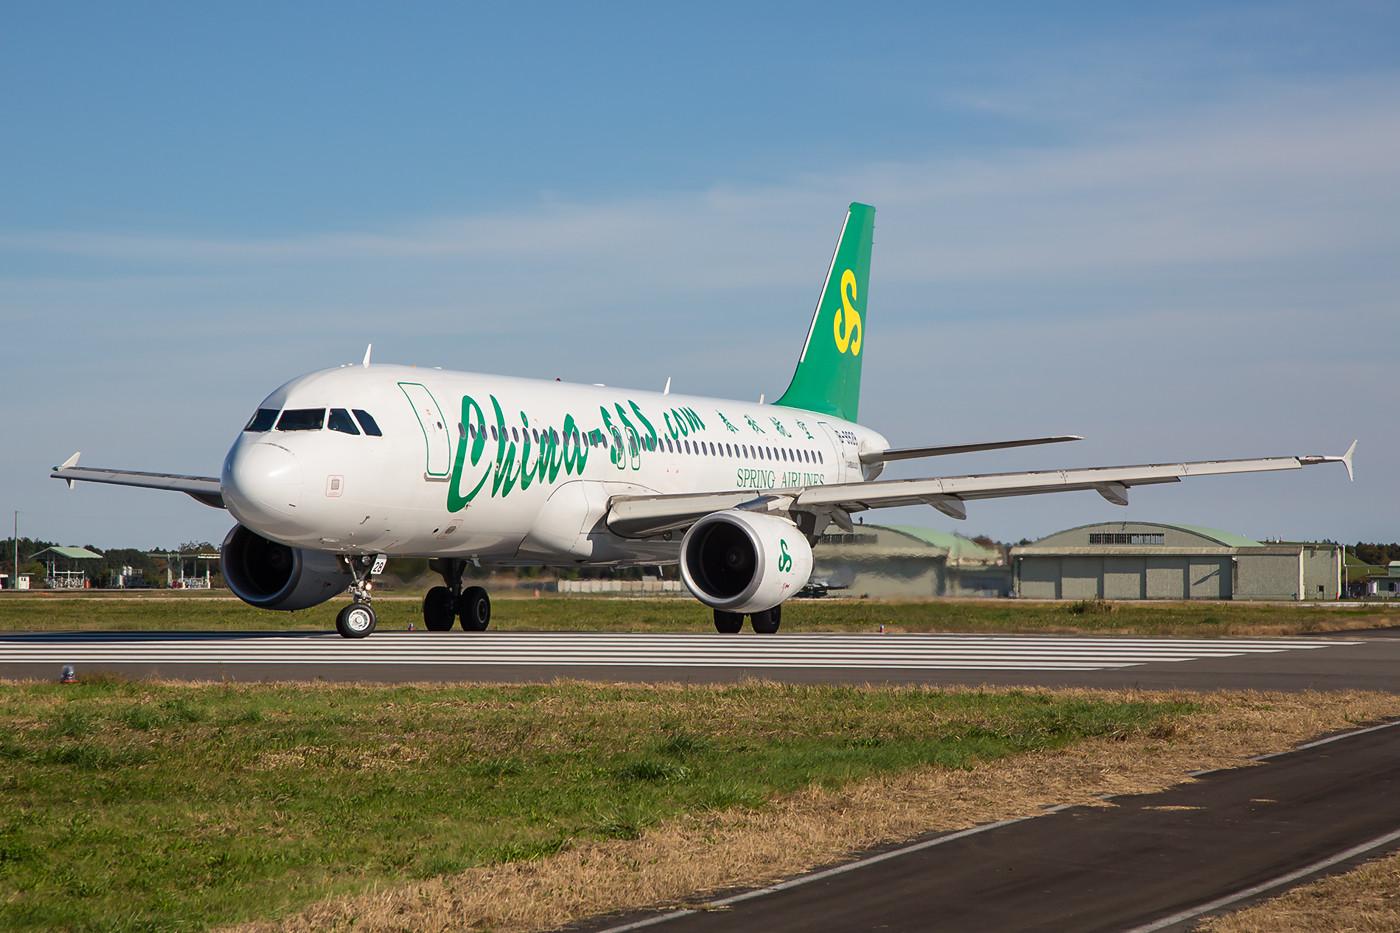 Der einzige tägliche internationale Kurs ist der Shanghaiflug der Spring Air.